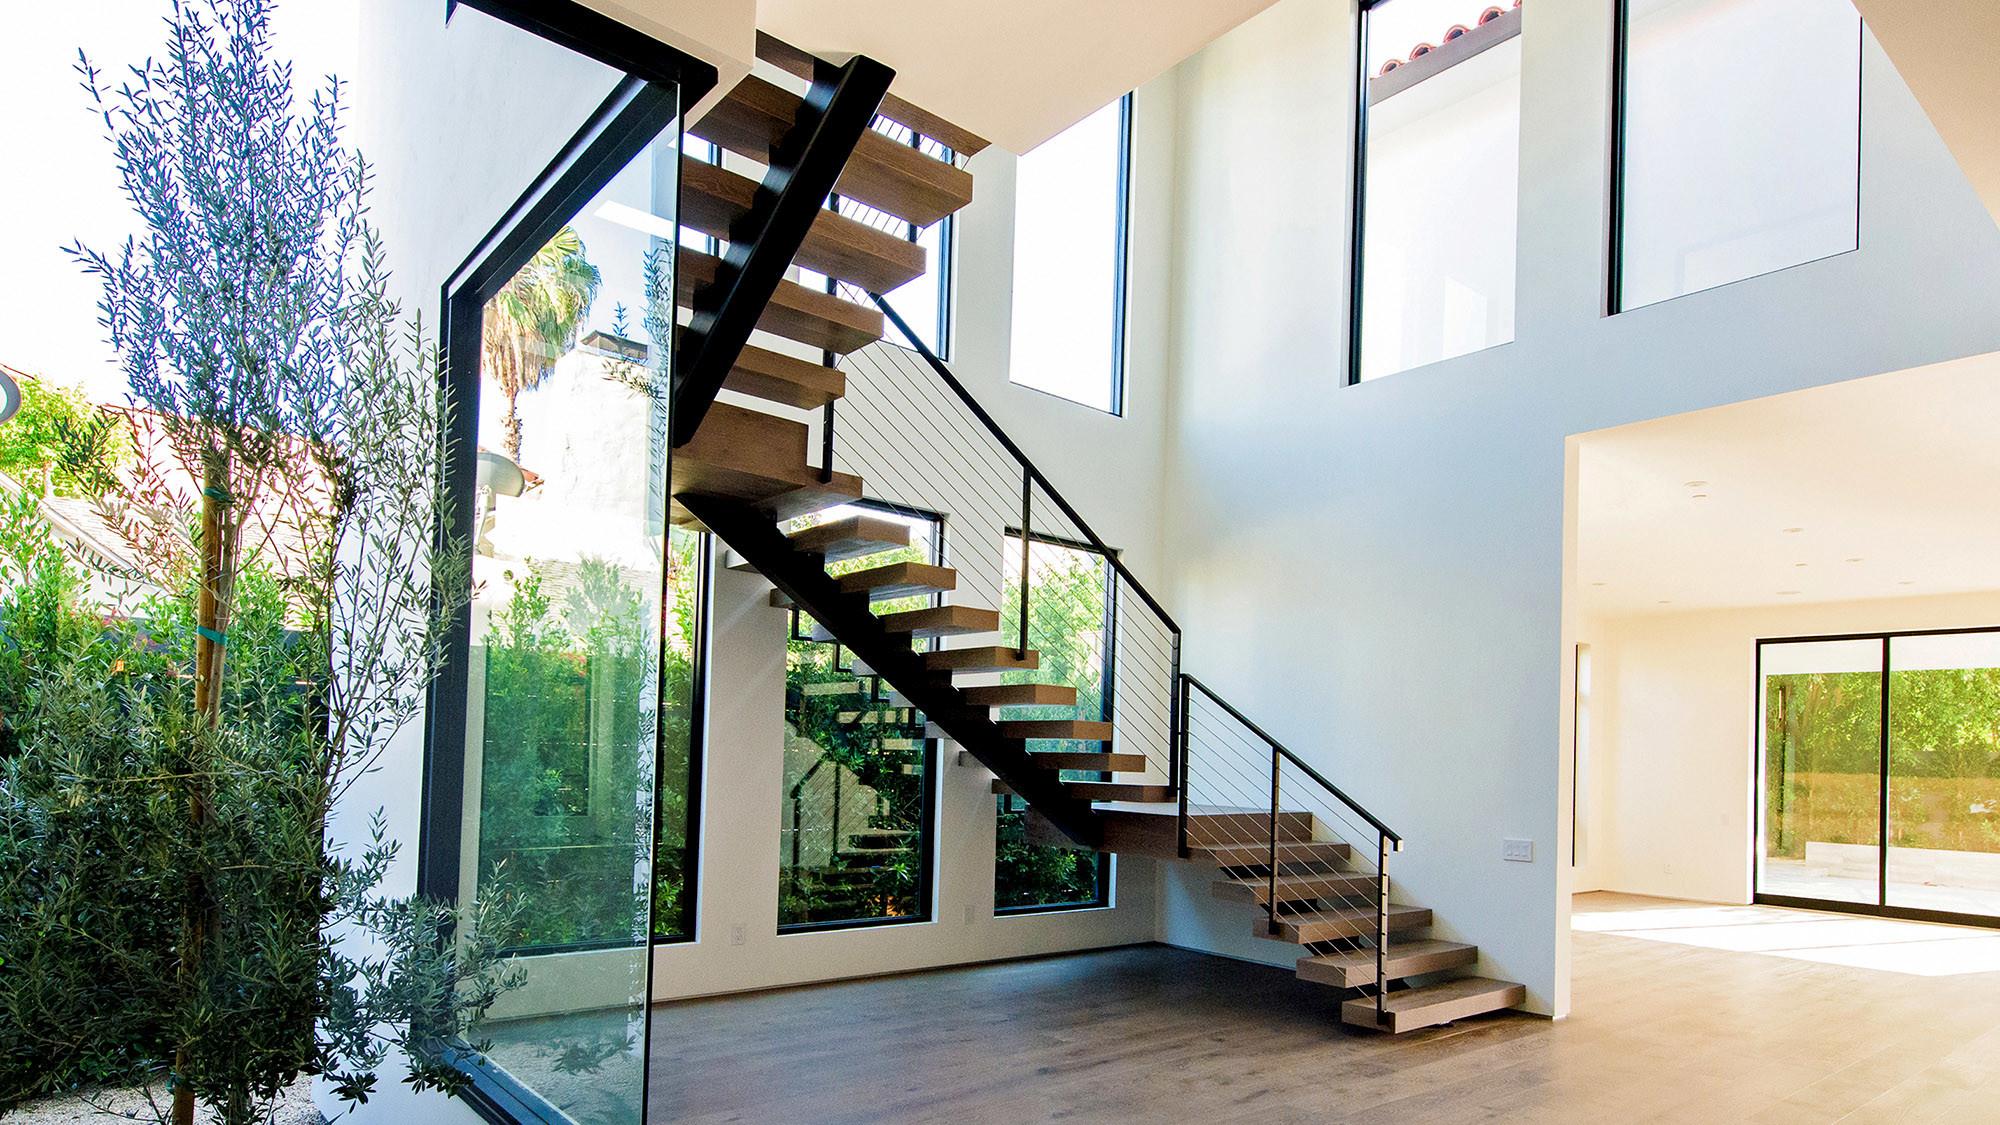 Rüyada Merdiven Asansör Çıkmak ve inmek